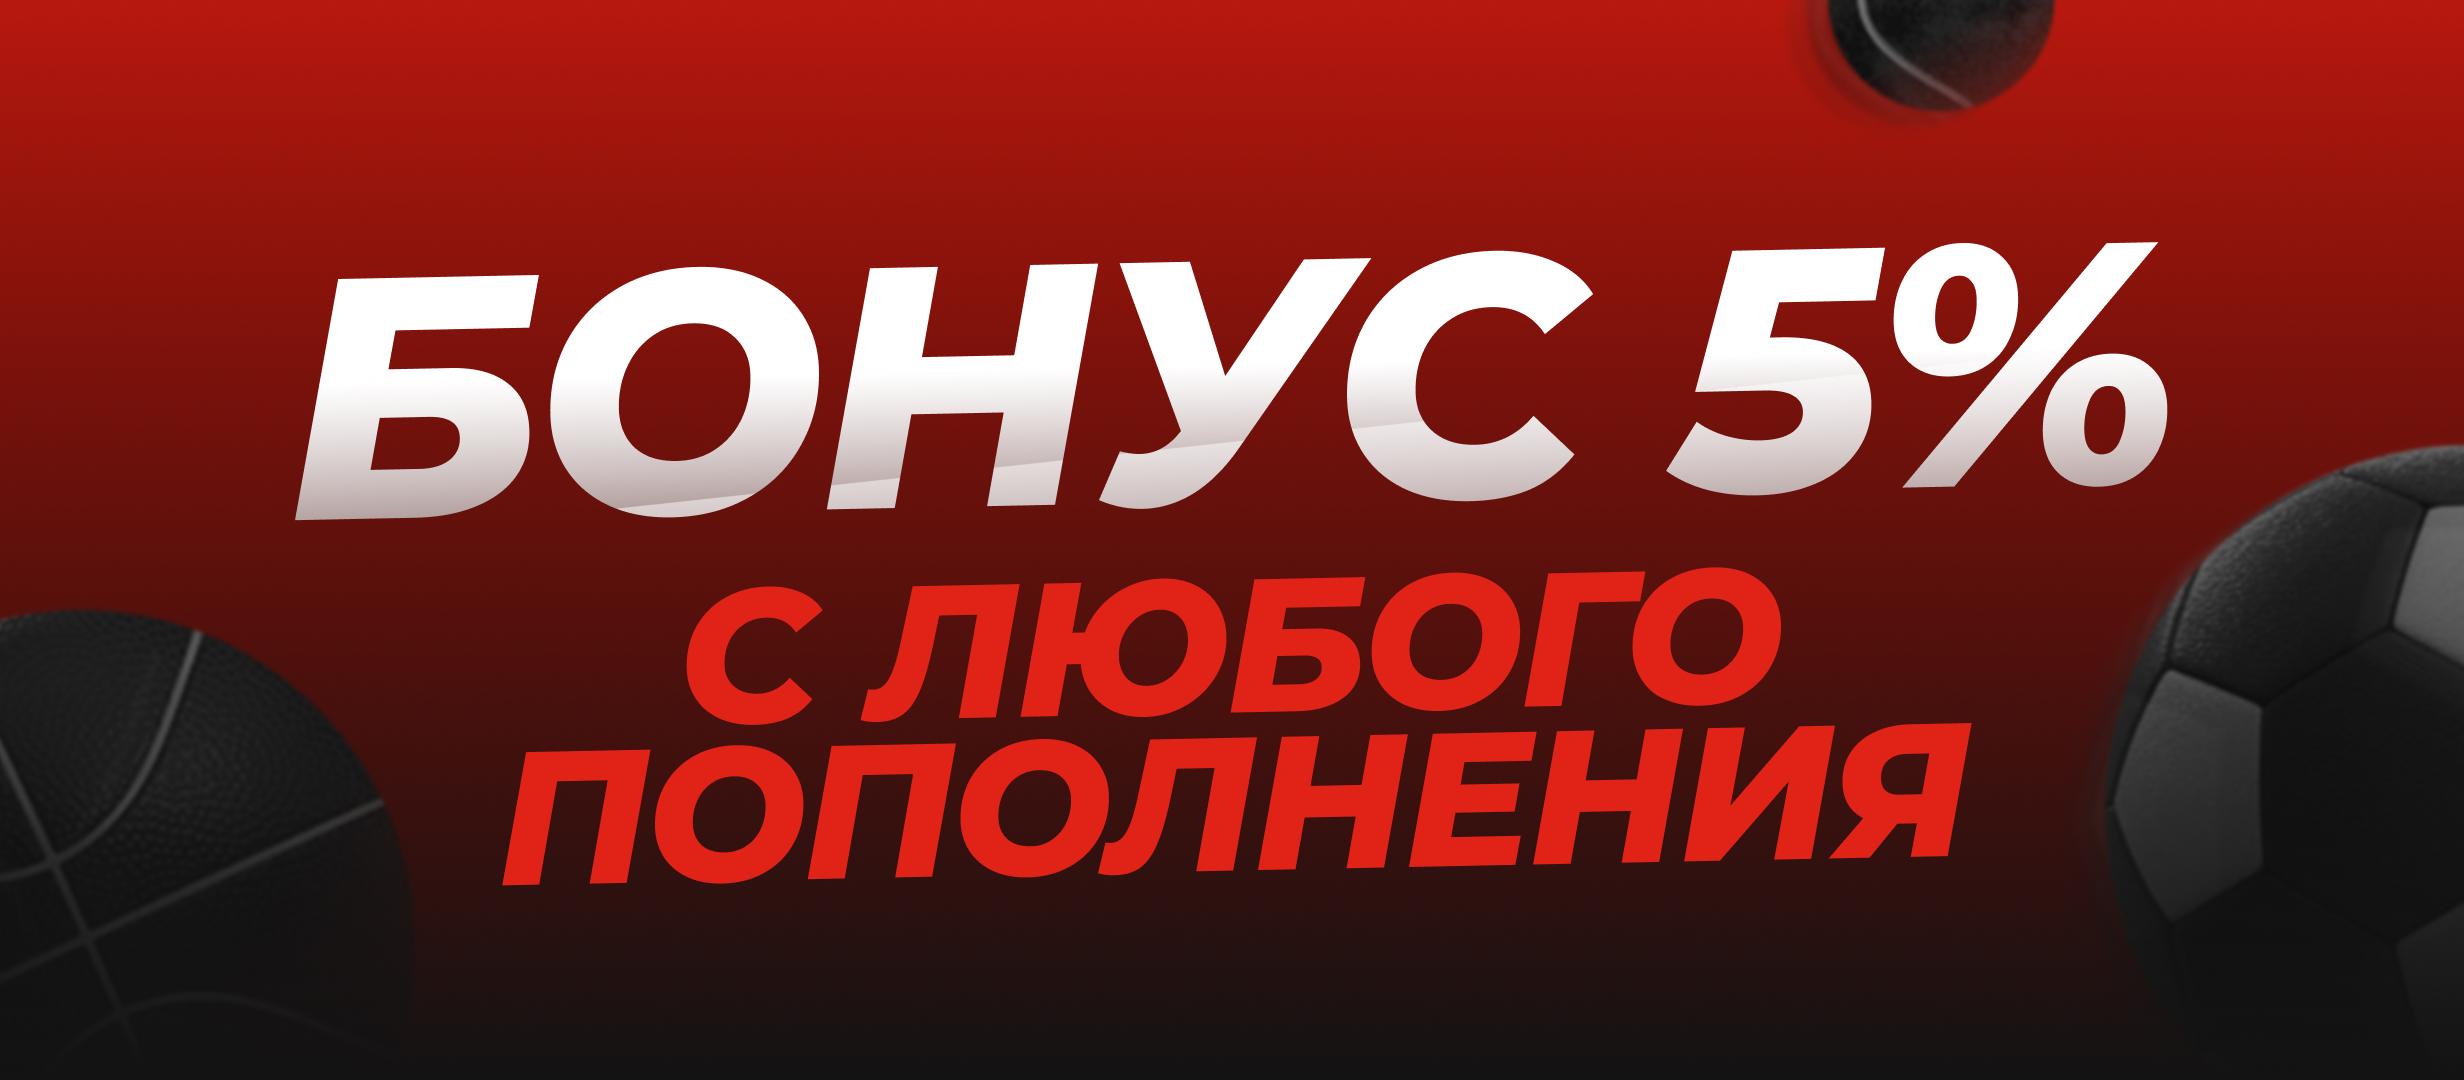 Кеш-бонус от Plus Minus 100 руб..